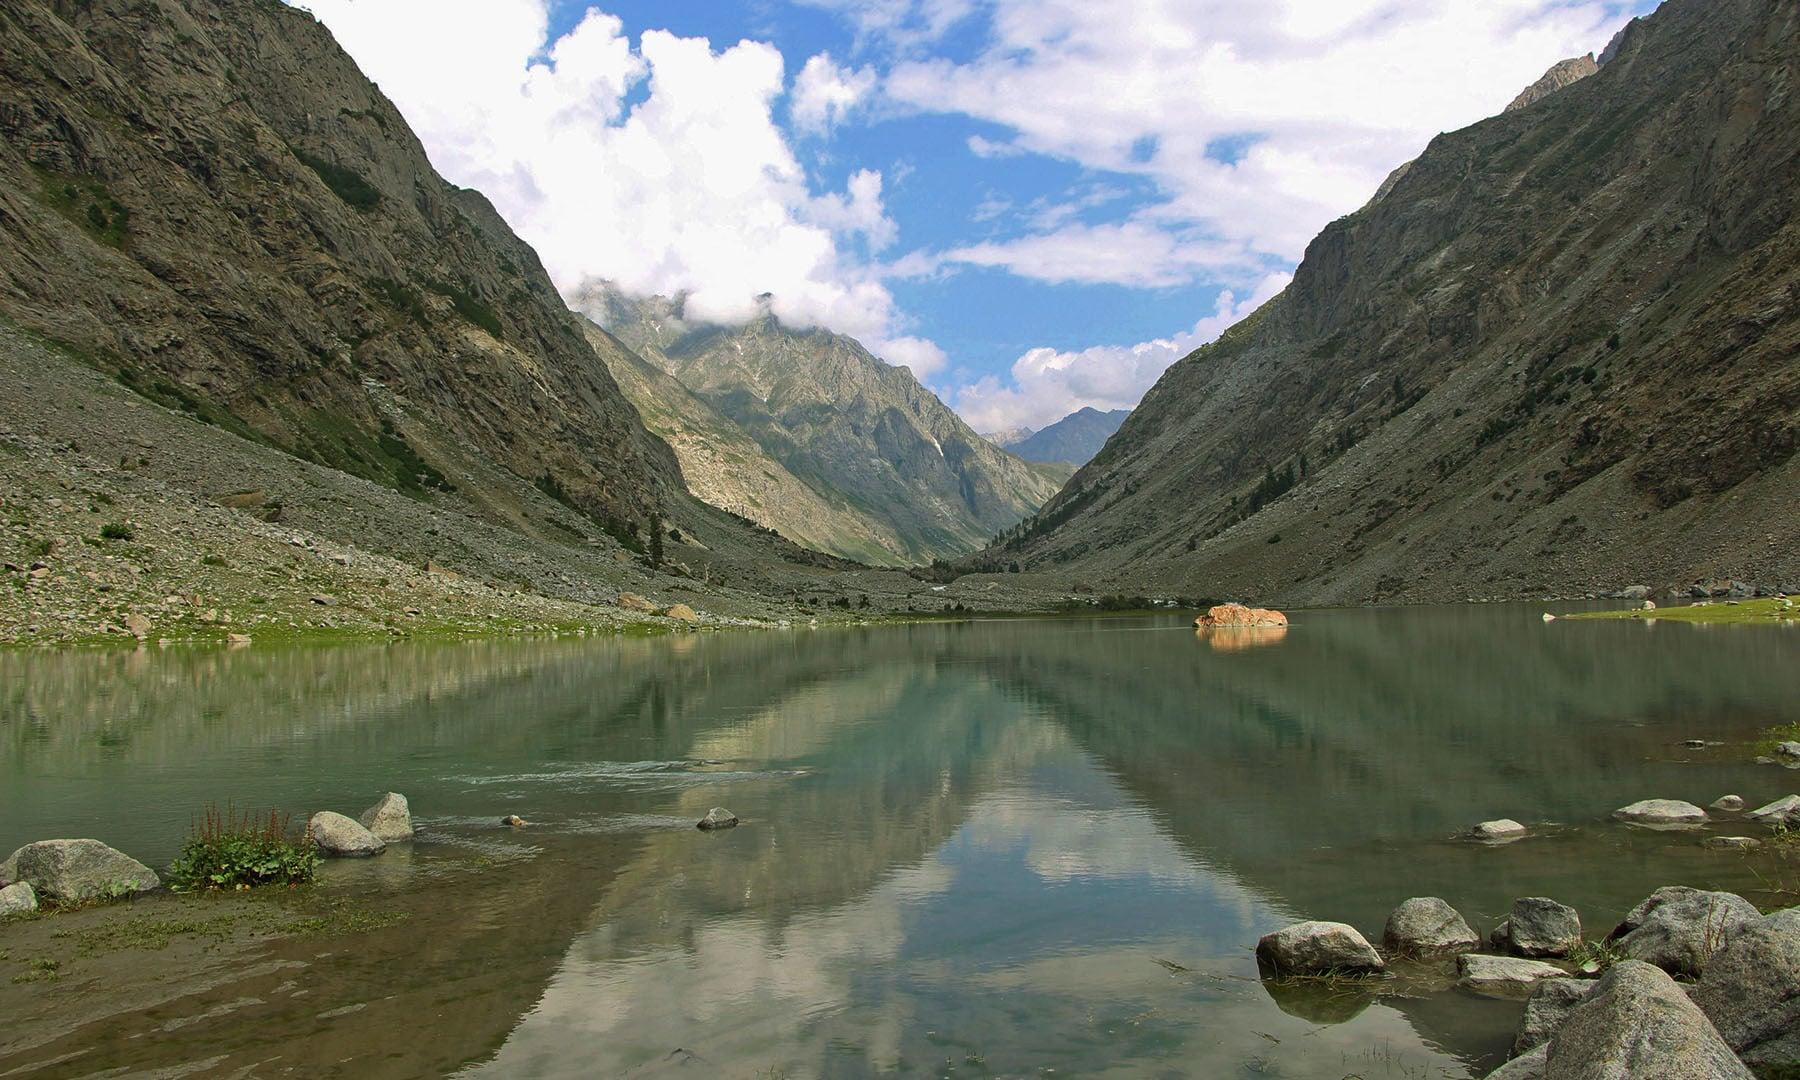 جھیل پنغال کا ایک منظر—تصویر امجد علی سحاب